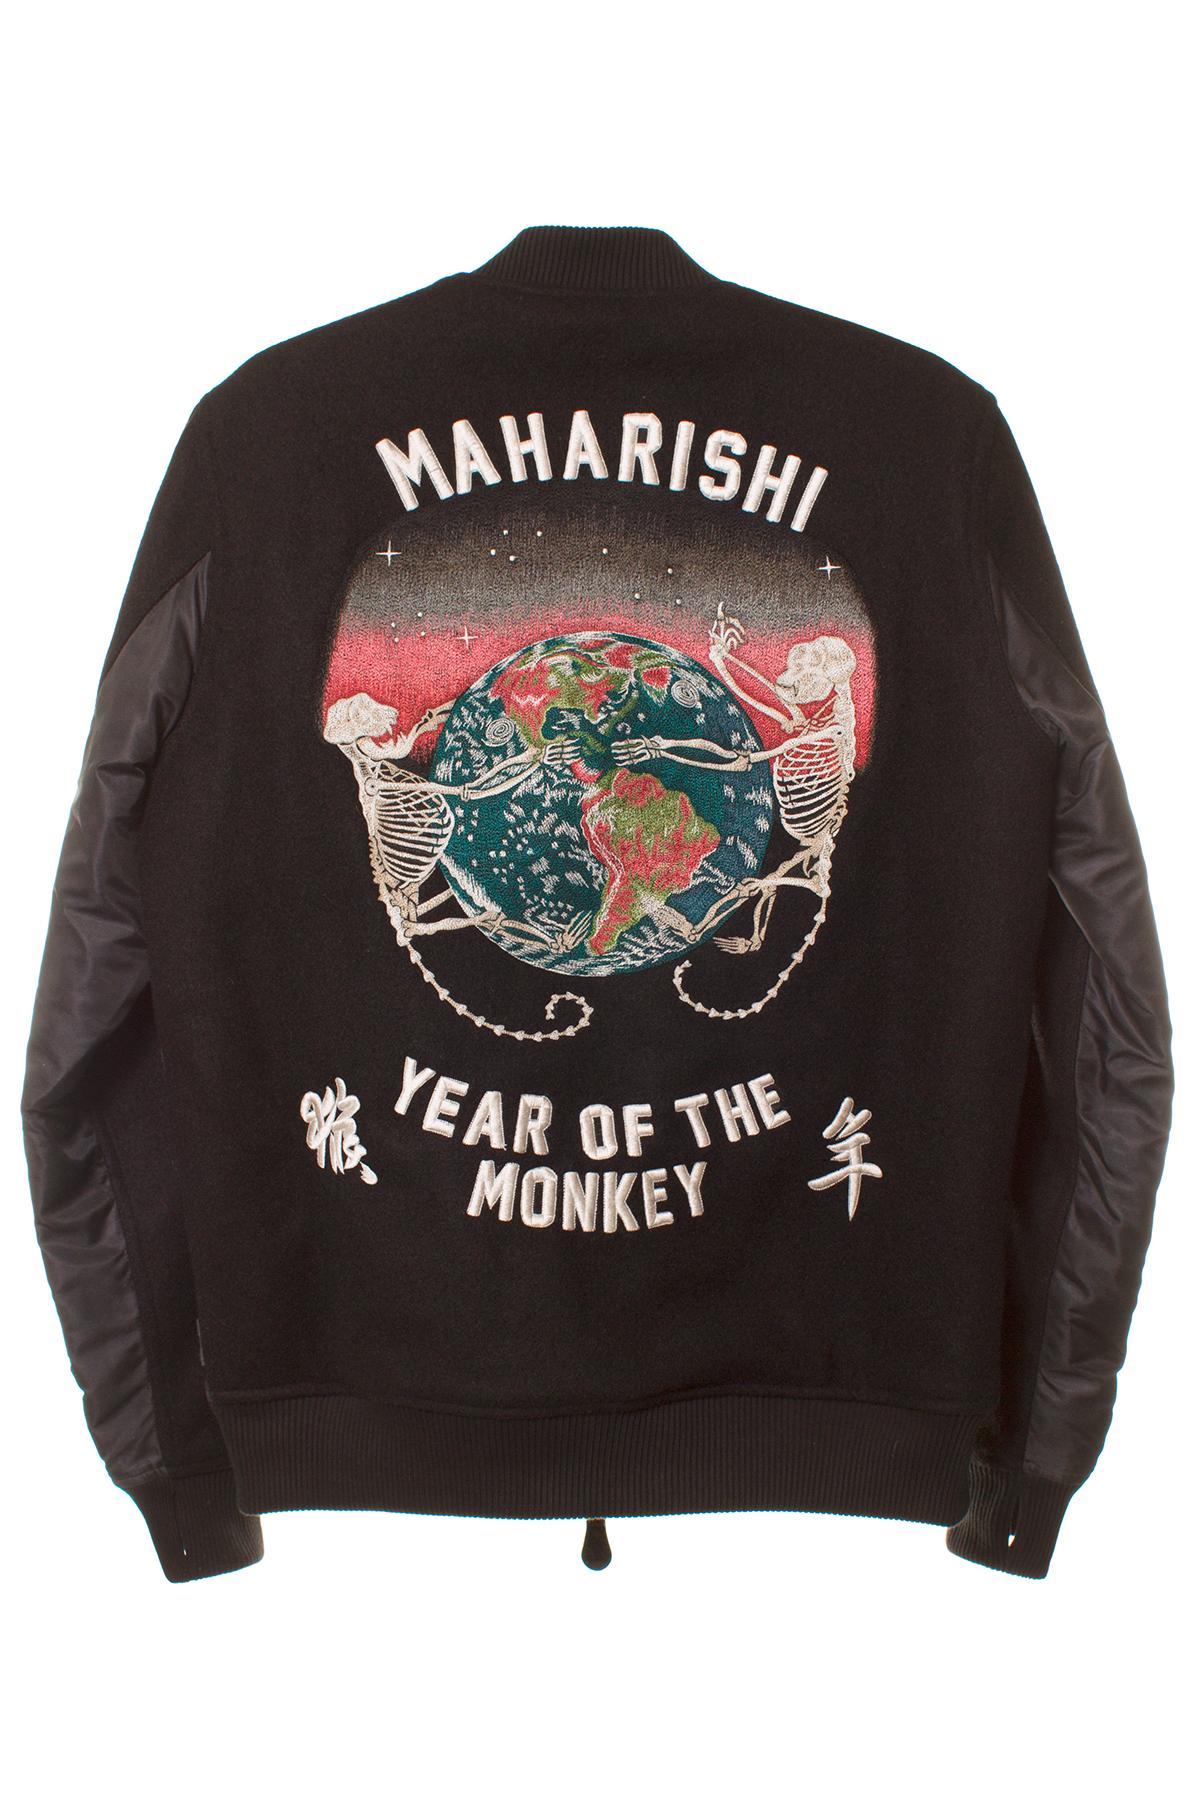 Maharishi black year of the monkey jacket black nylon and wool maharishi black year of the monkey jacket black nylon and wool bomber jacket featuring maharishi year of the monkey embroidery on back nasa style patch on gumiabroncs Gallery